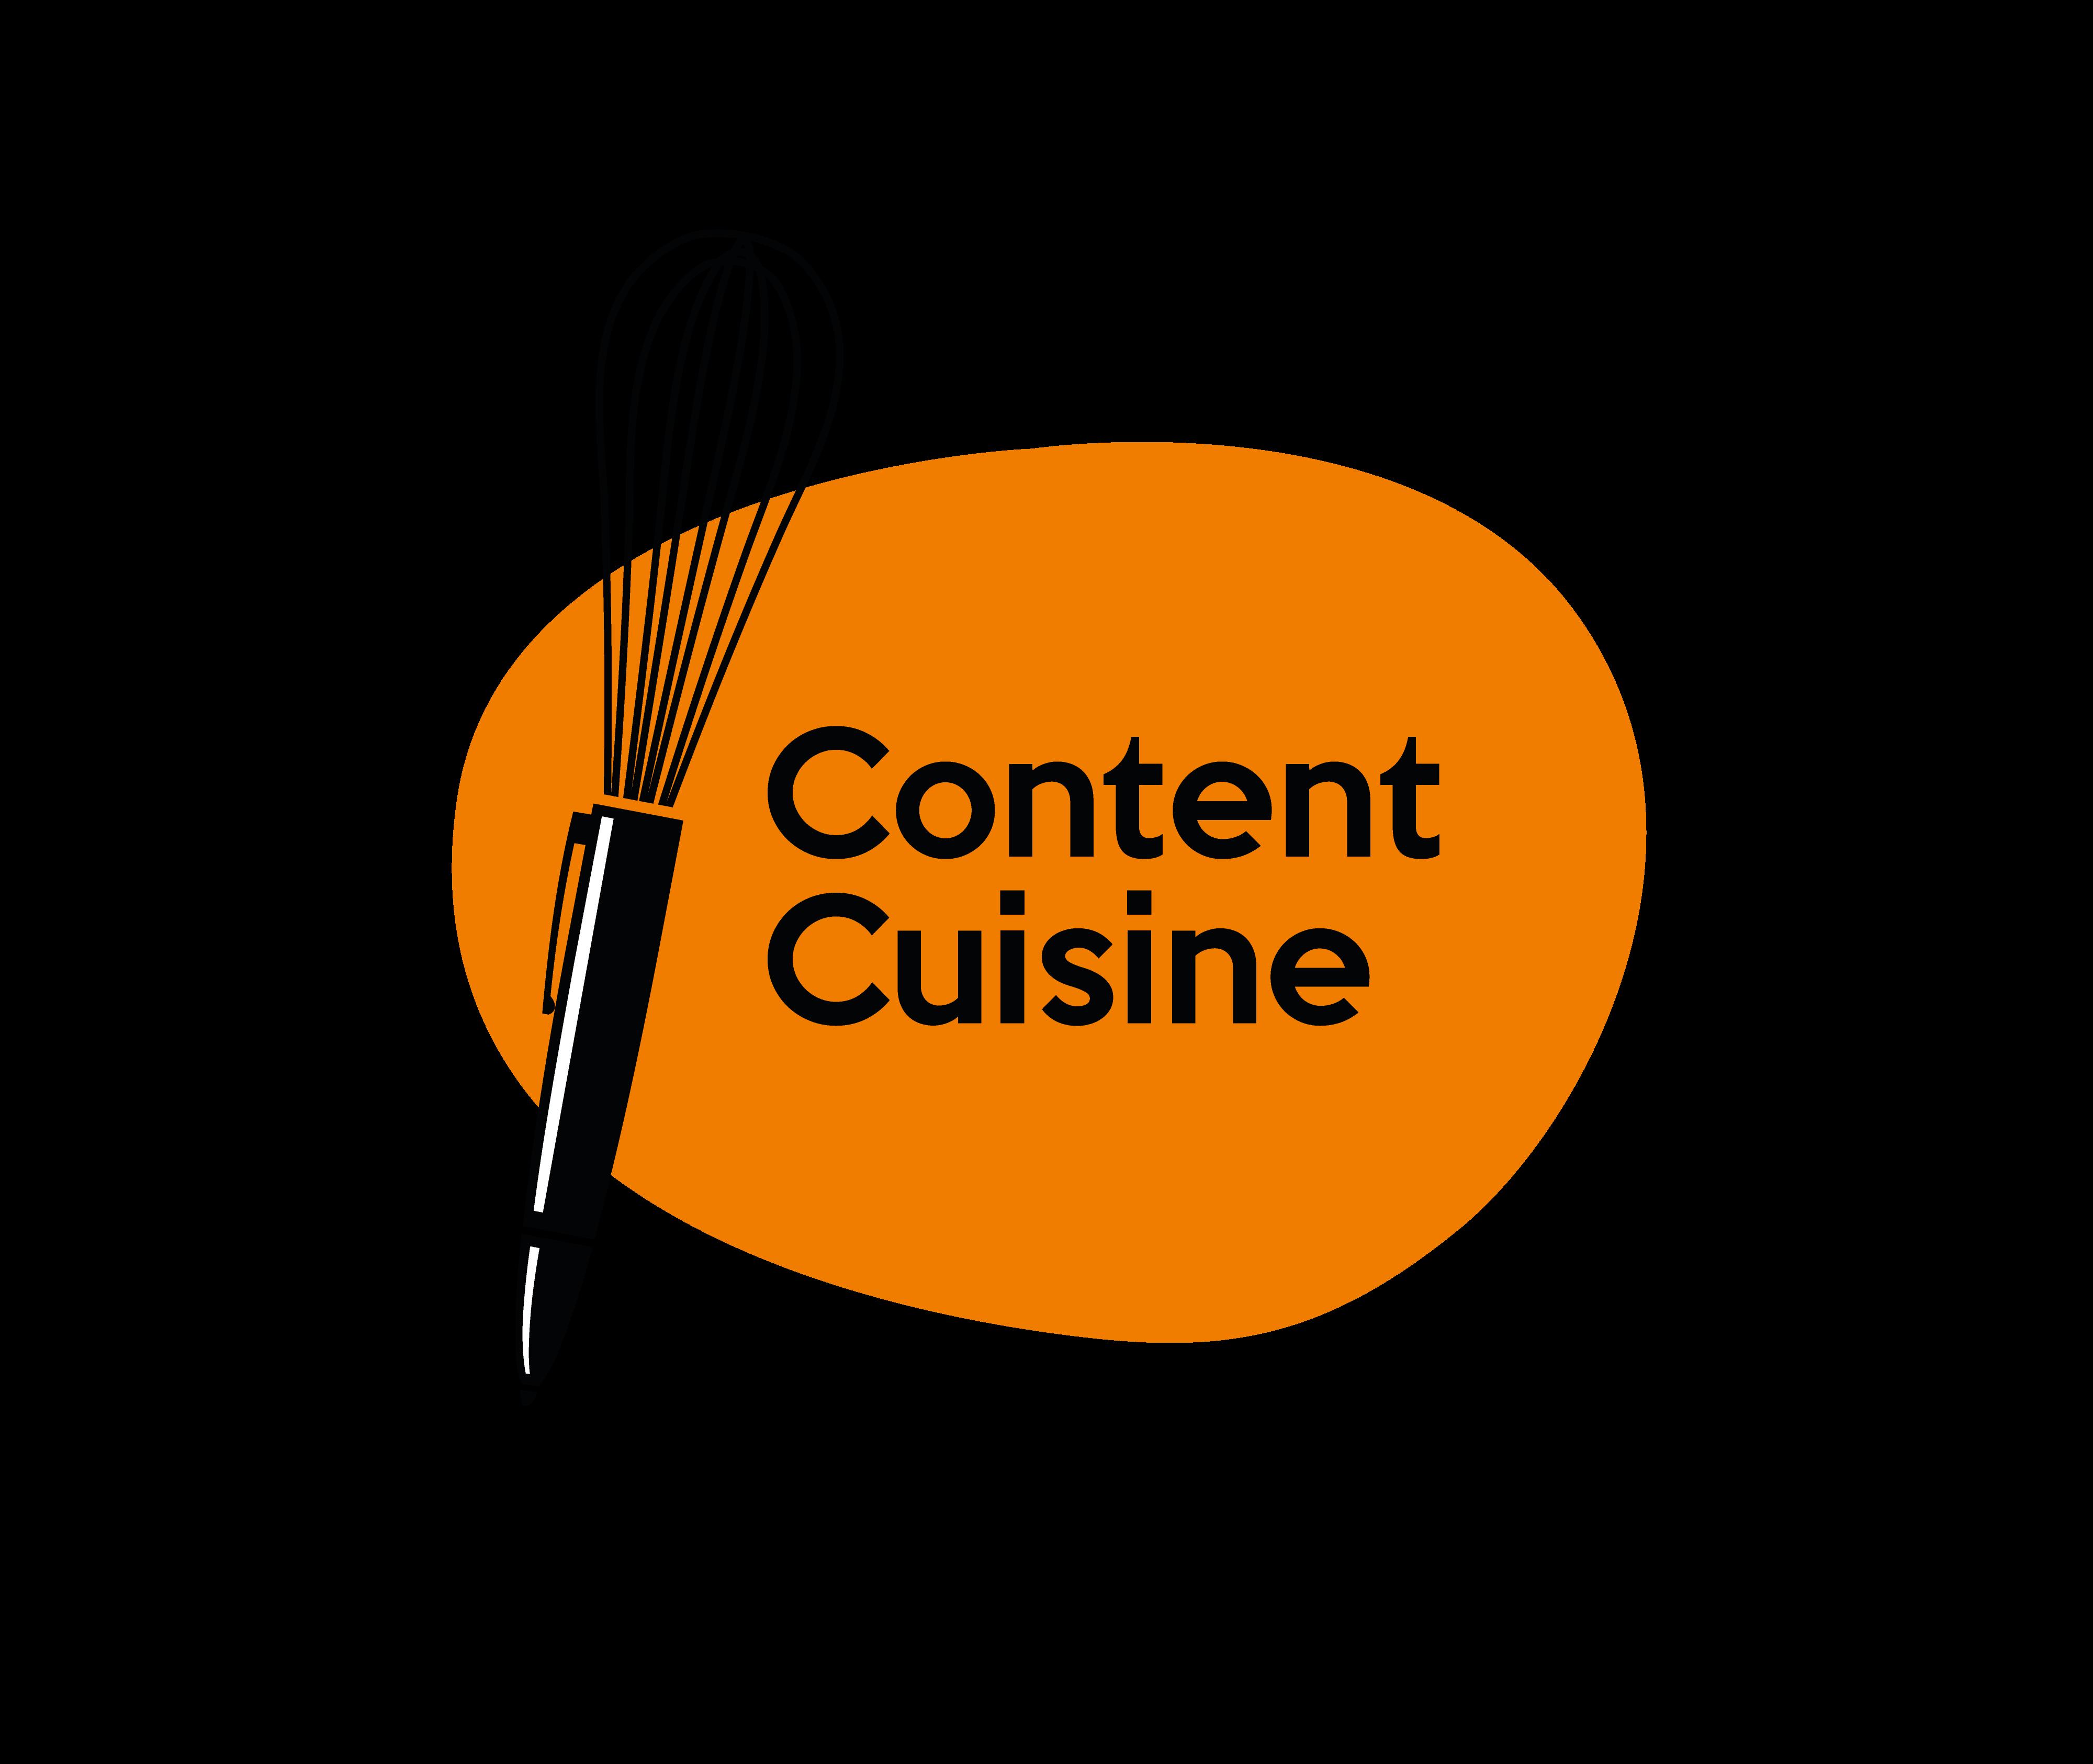 Content Cuisine